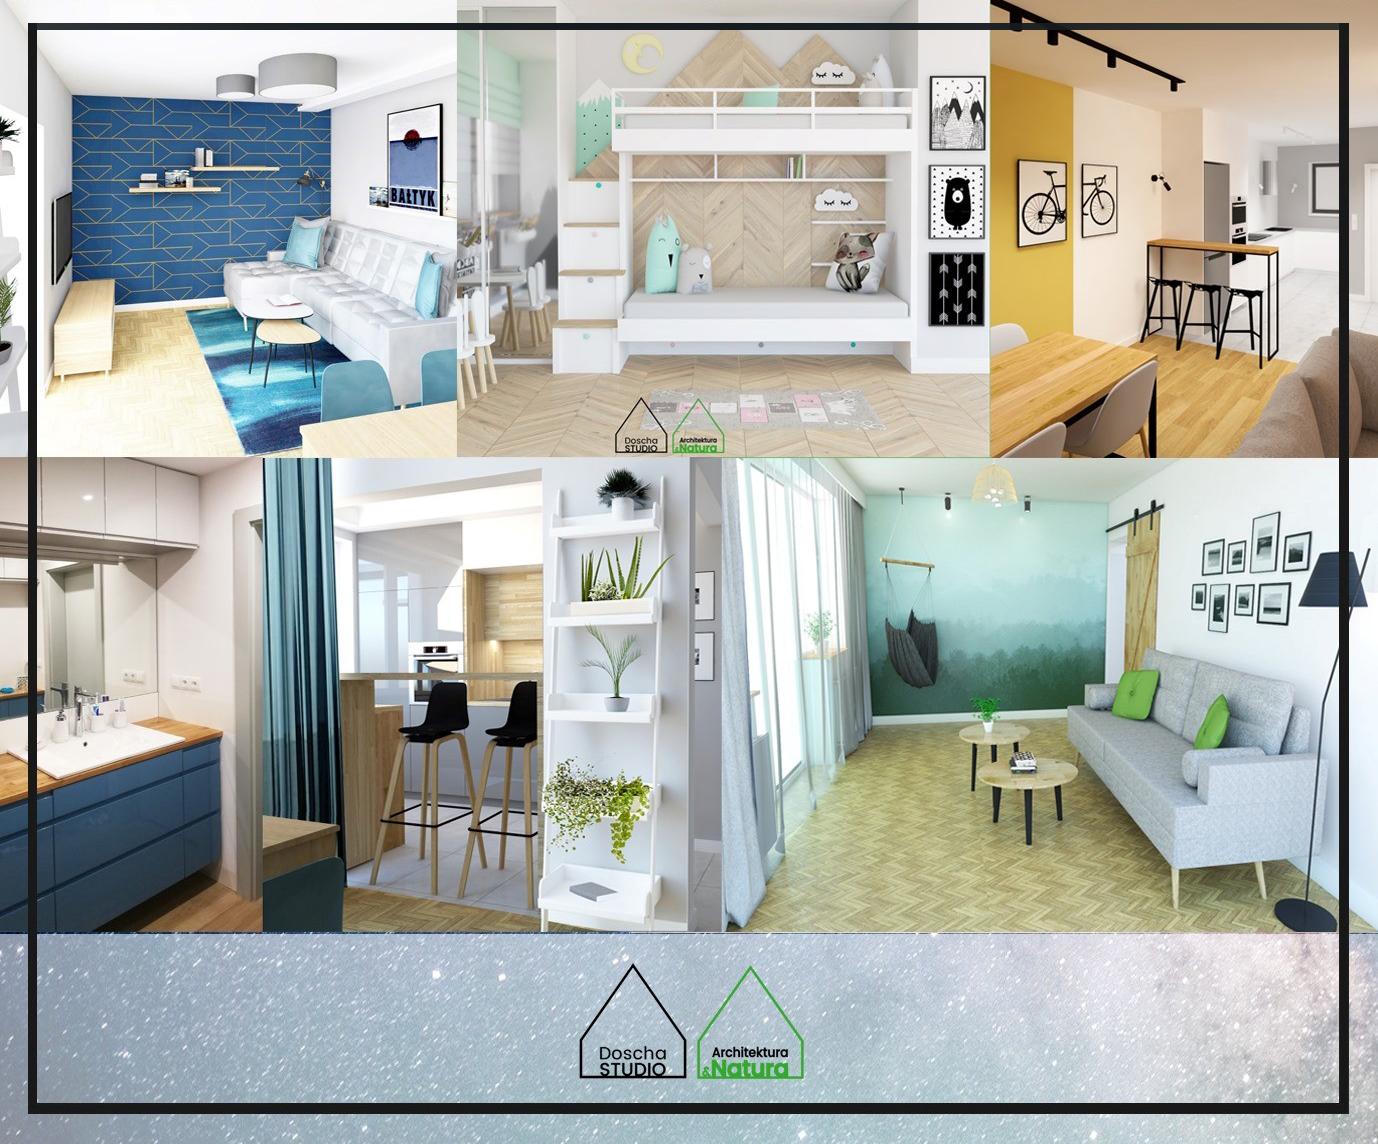 Projektowanie wnętrz mieszkań projekty: Doscha STUDIO Julia Chalimoniuk